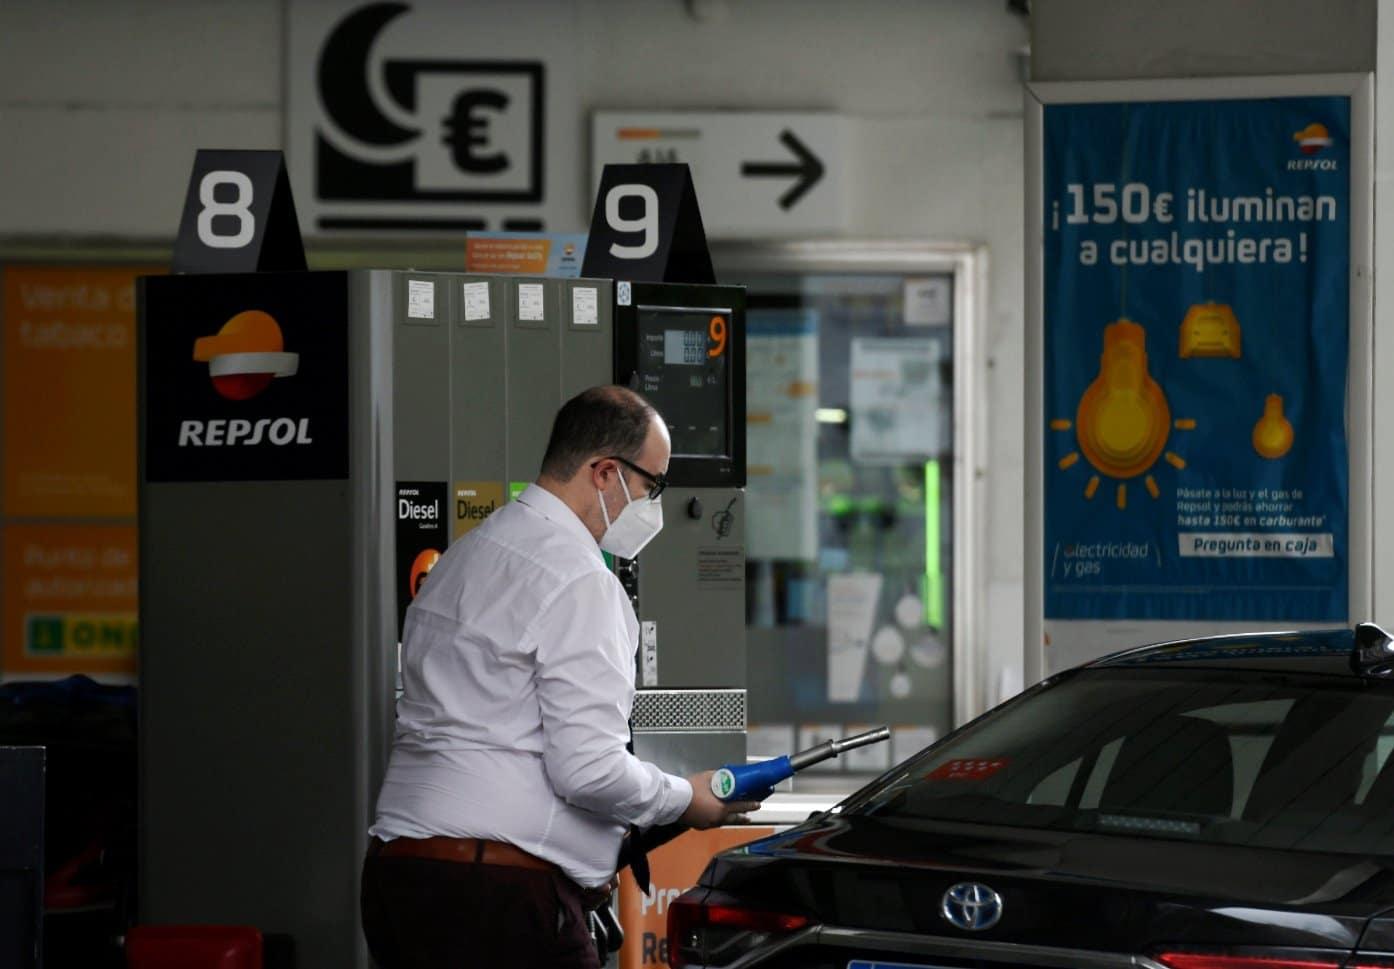 Un conductor reposta con mascarilla en una gasolinera.